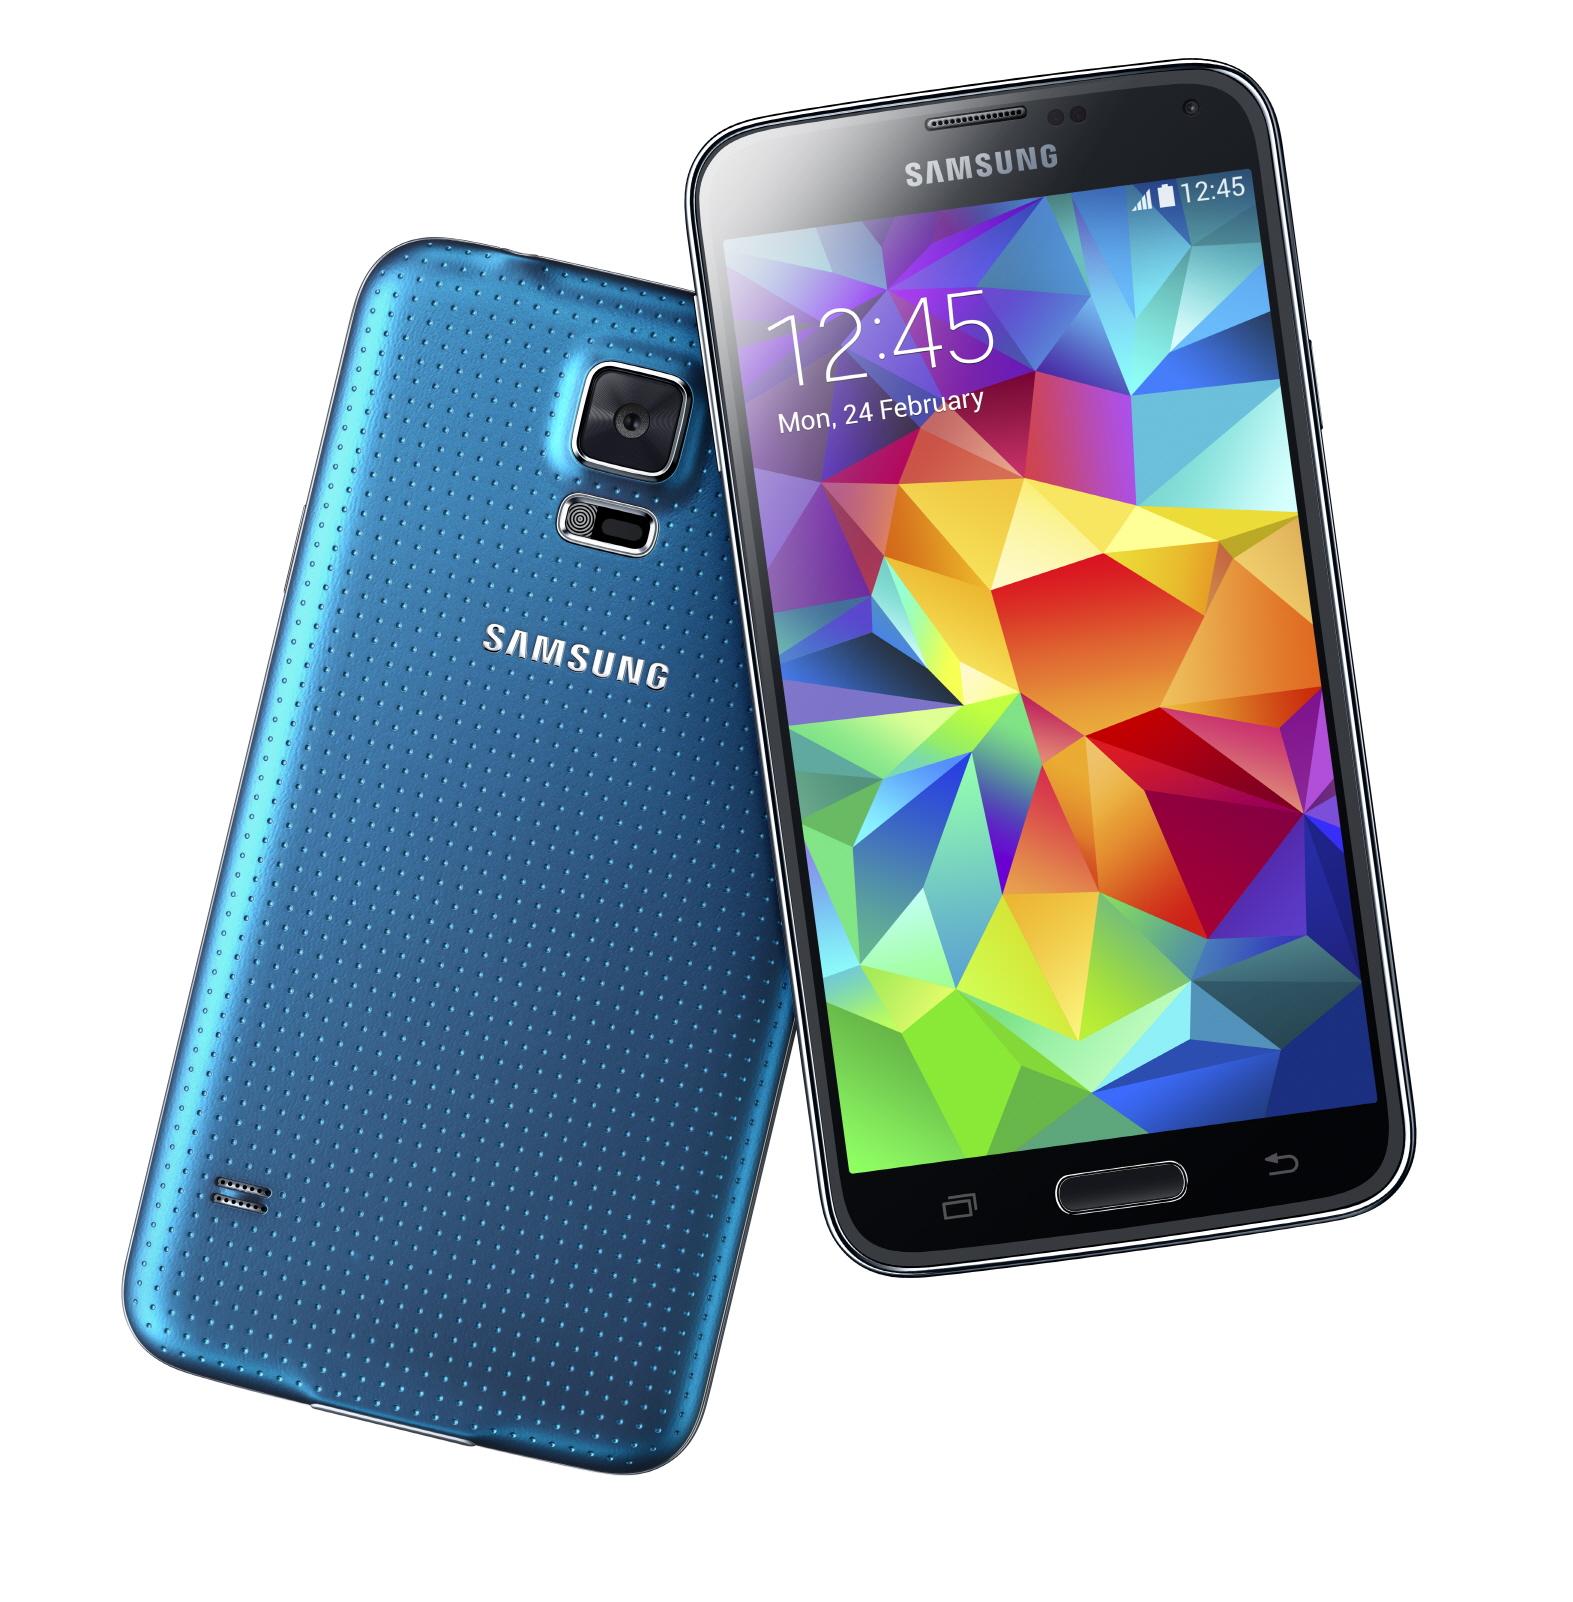 Samsung Galaxy S5: Ecco svelato il nuovo smartphone con lettore d'impronte digitali e resistente all'acqua [Video]